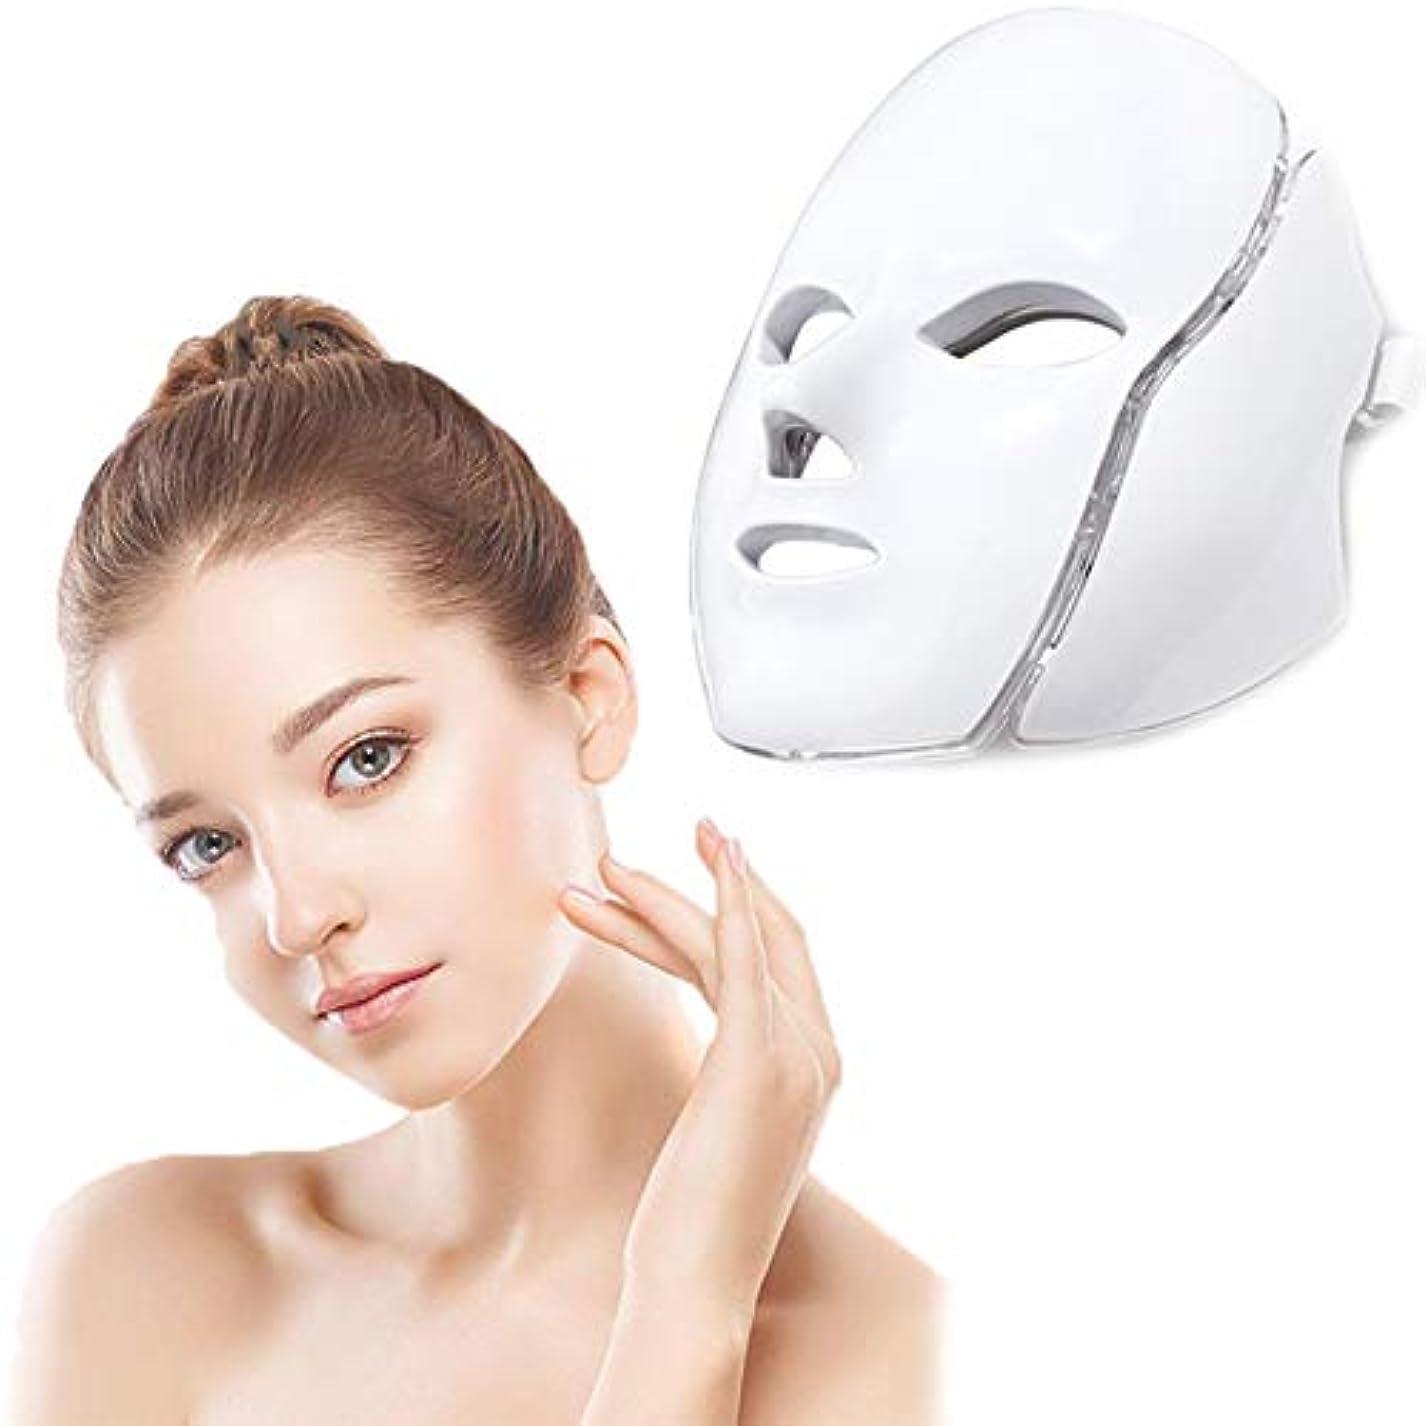 ジョリーインポート相続人7色LEDフェイスマスクフェイシャルマスクPDTフォトンフェイシャルマスク美容機美容器具ネックマスクセット付き